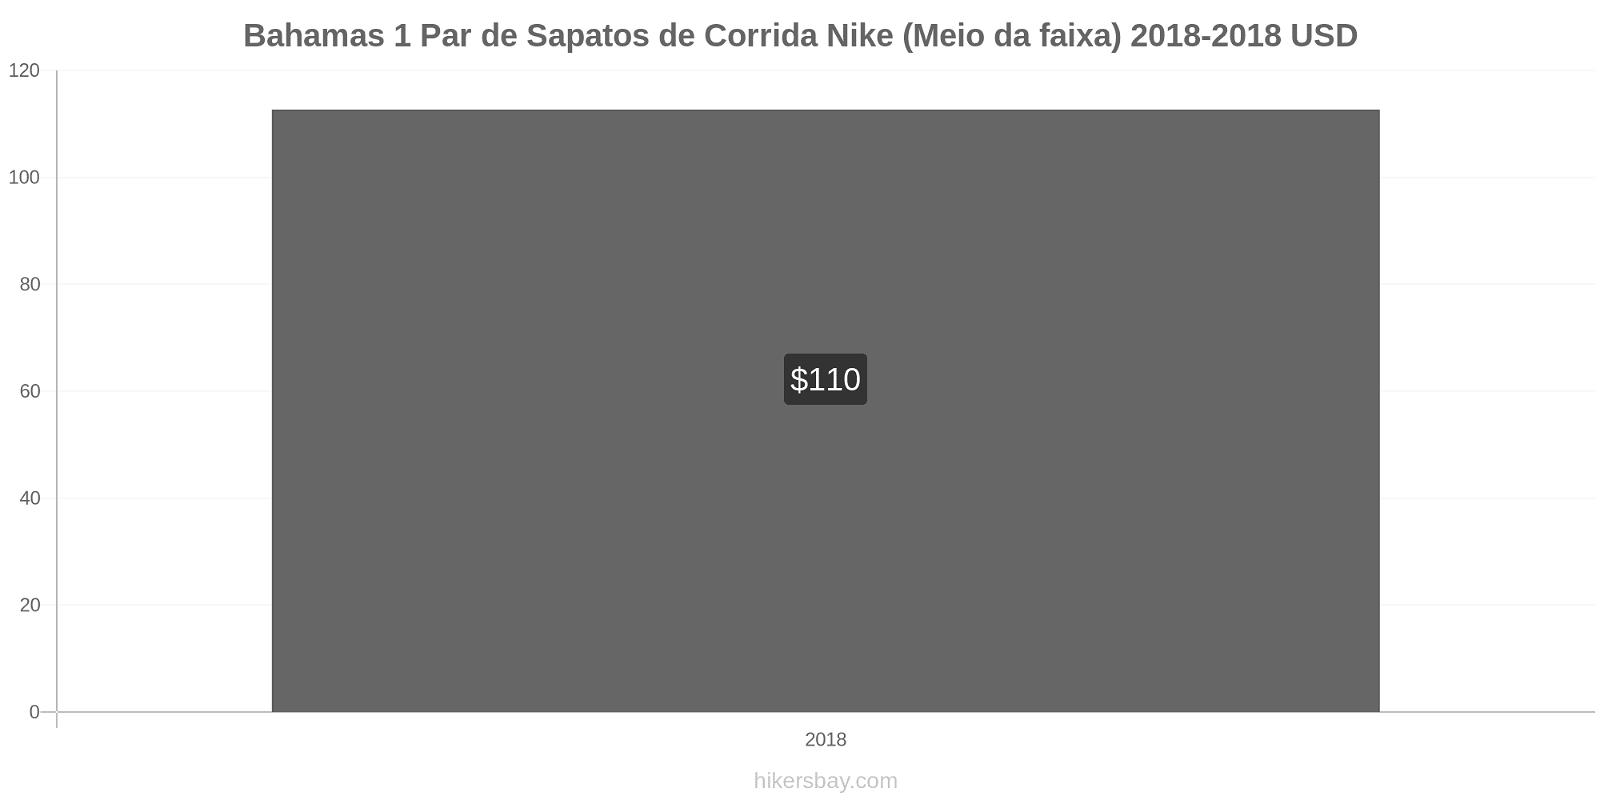 Bahamas variação de preço 1 par de tênis Nike (mid-range) hikersbay.com